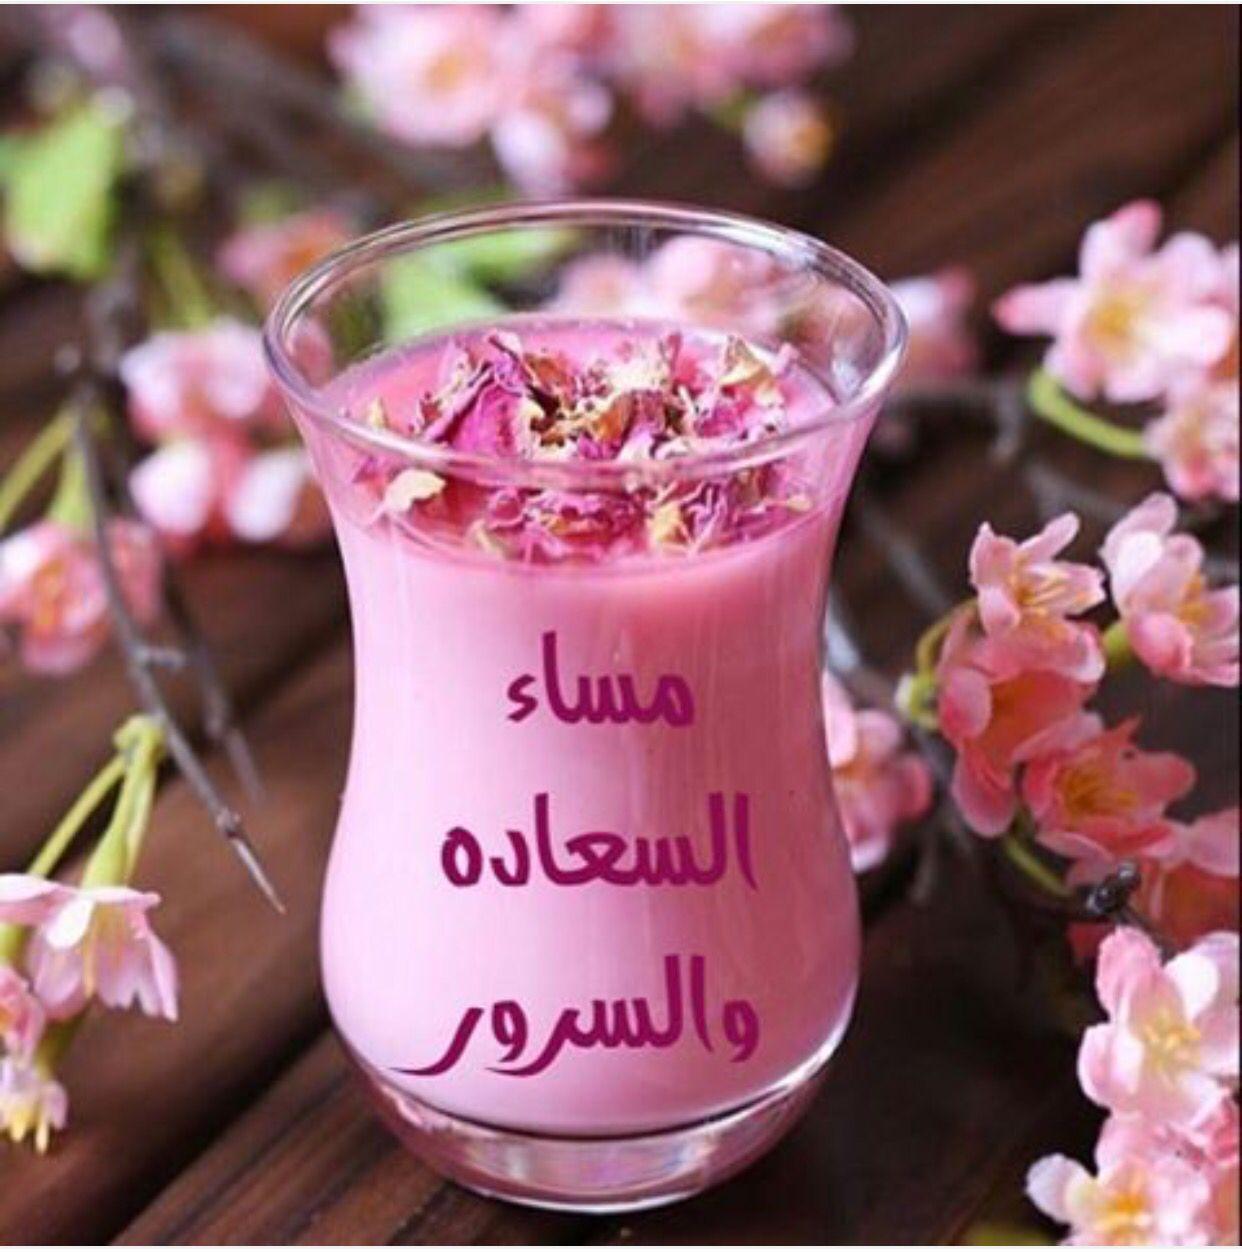 مساء السعادة والنور Good Evening Wishes Good Morning Arabic Good Morning Good Night